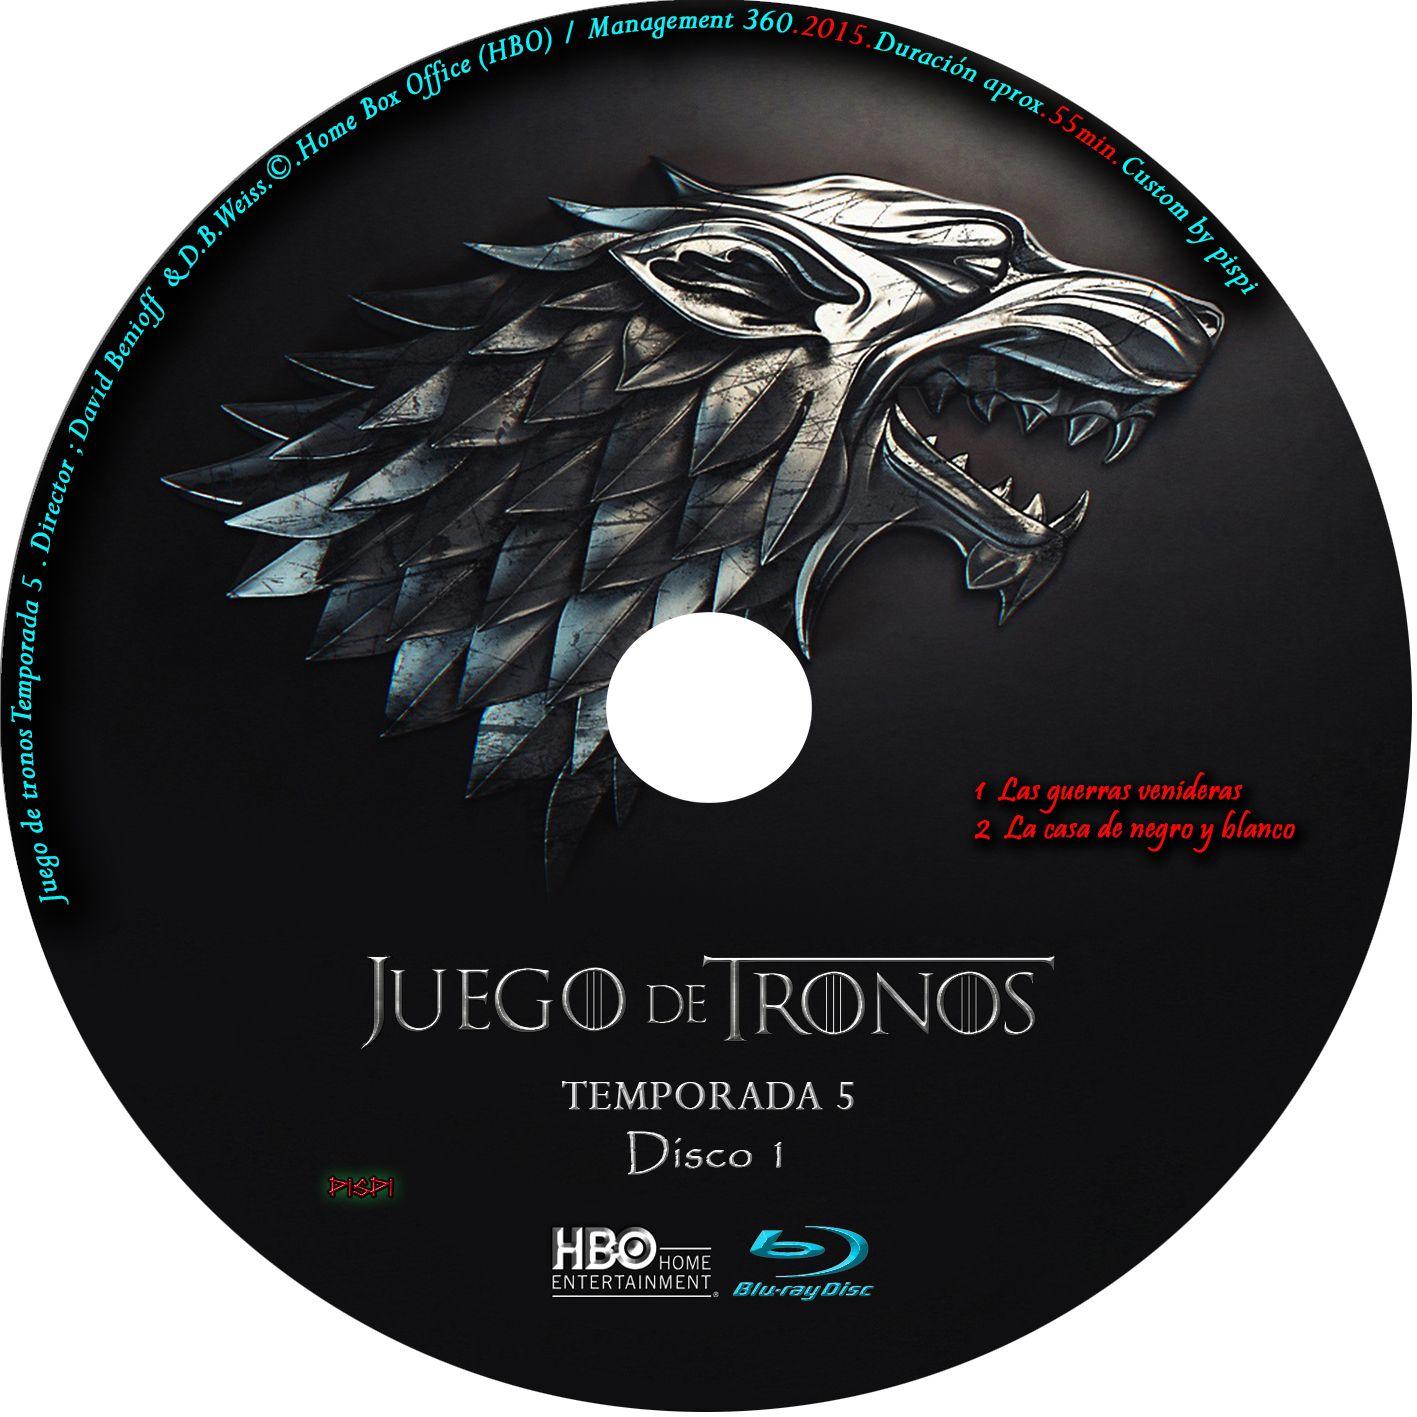 Juego De Tronos T5 Bd1 Funny Jokes Trending Memes Movie Posters